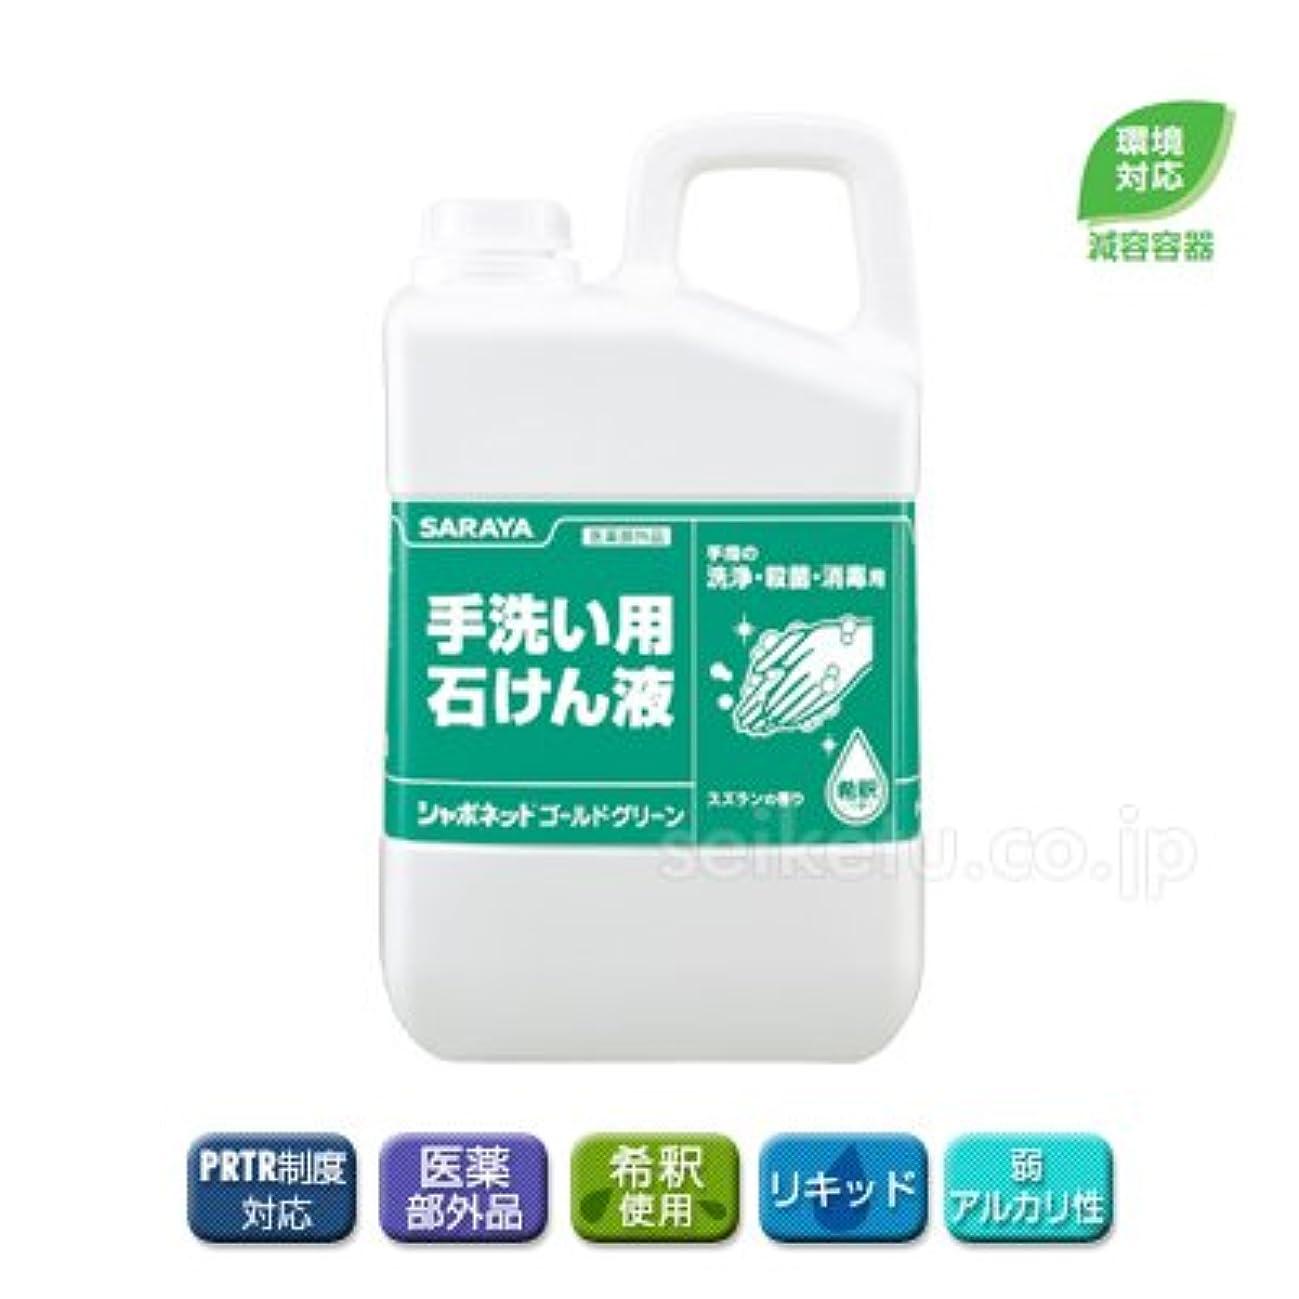 アクセサリー獣電化する【清潔キレイ館】サラヤ シャボネットゴールドグリーン(3kg)